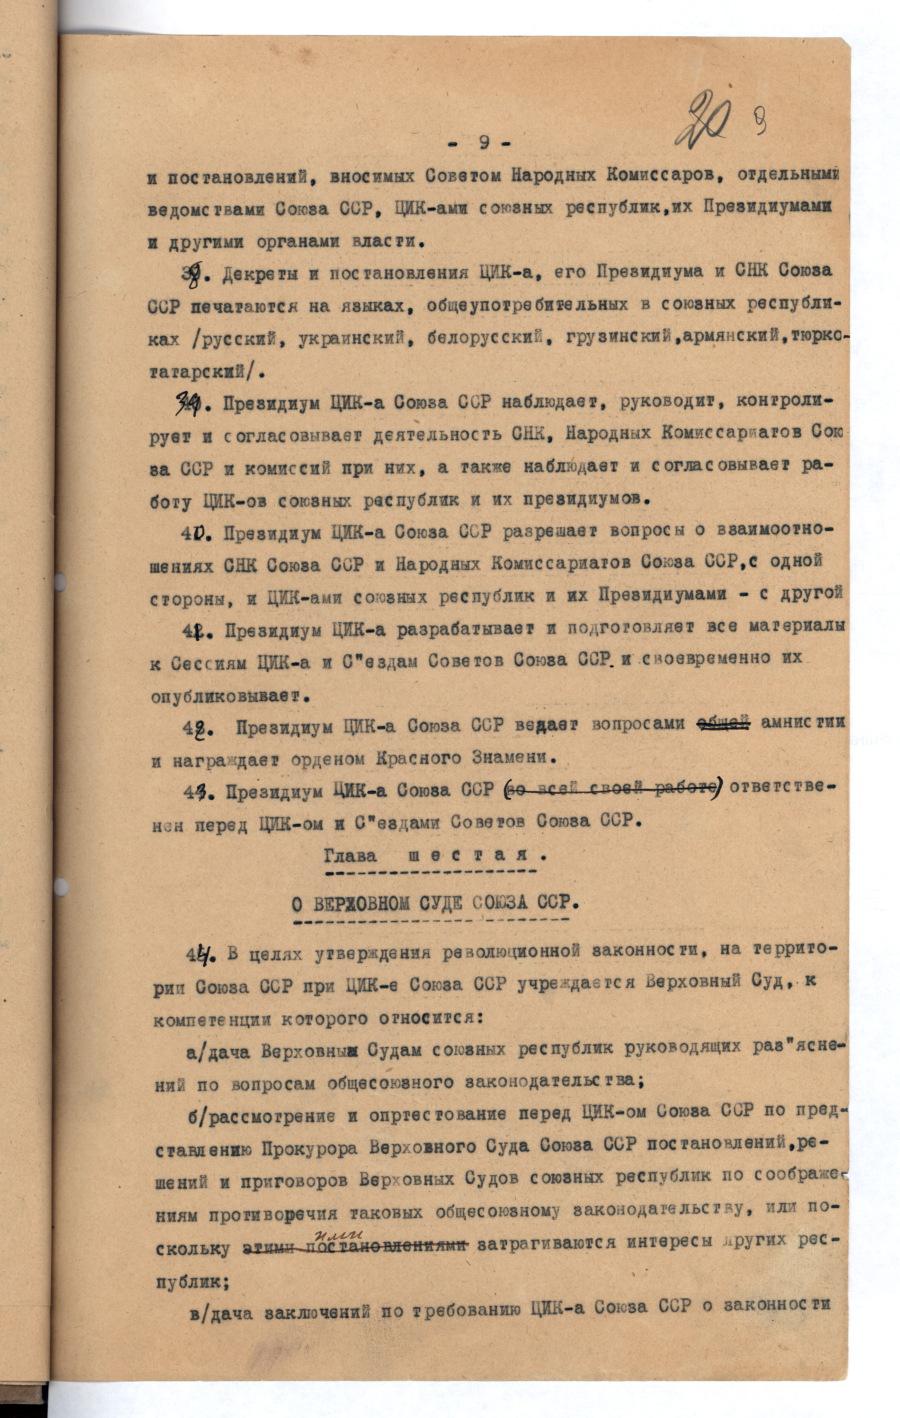 Проект основного закона (Конституции) Союза СССР 1924 года. 9 стр